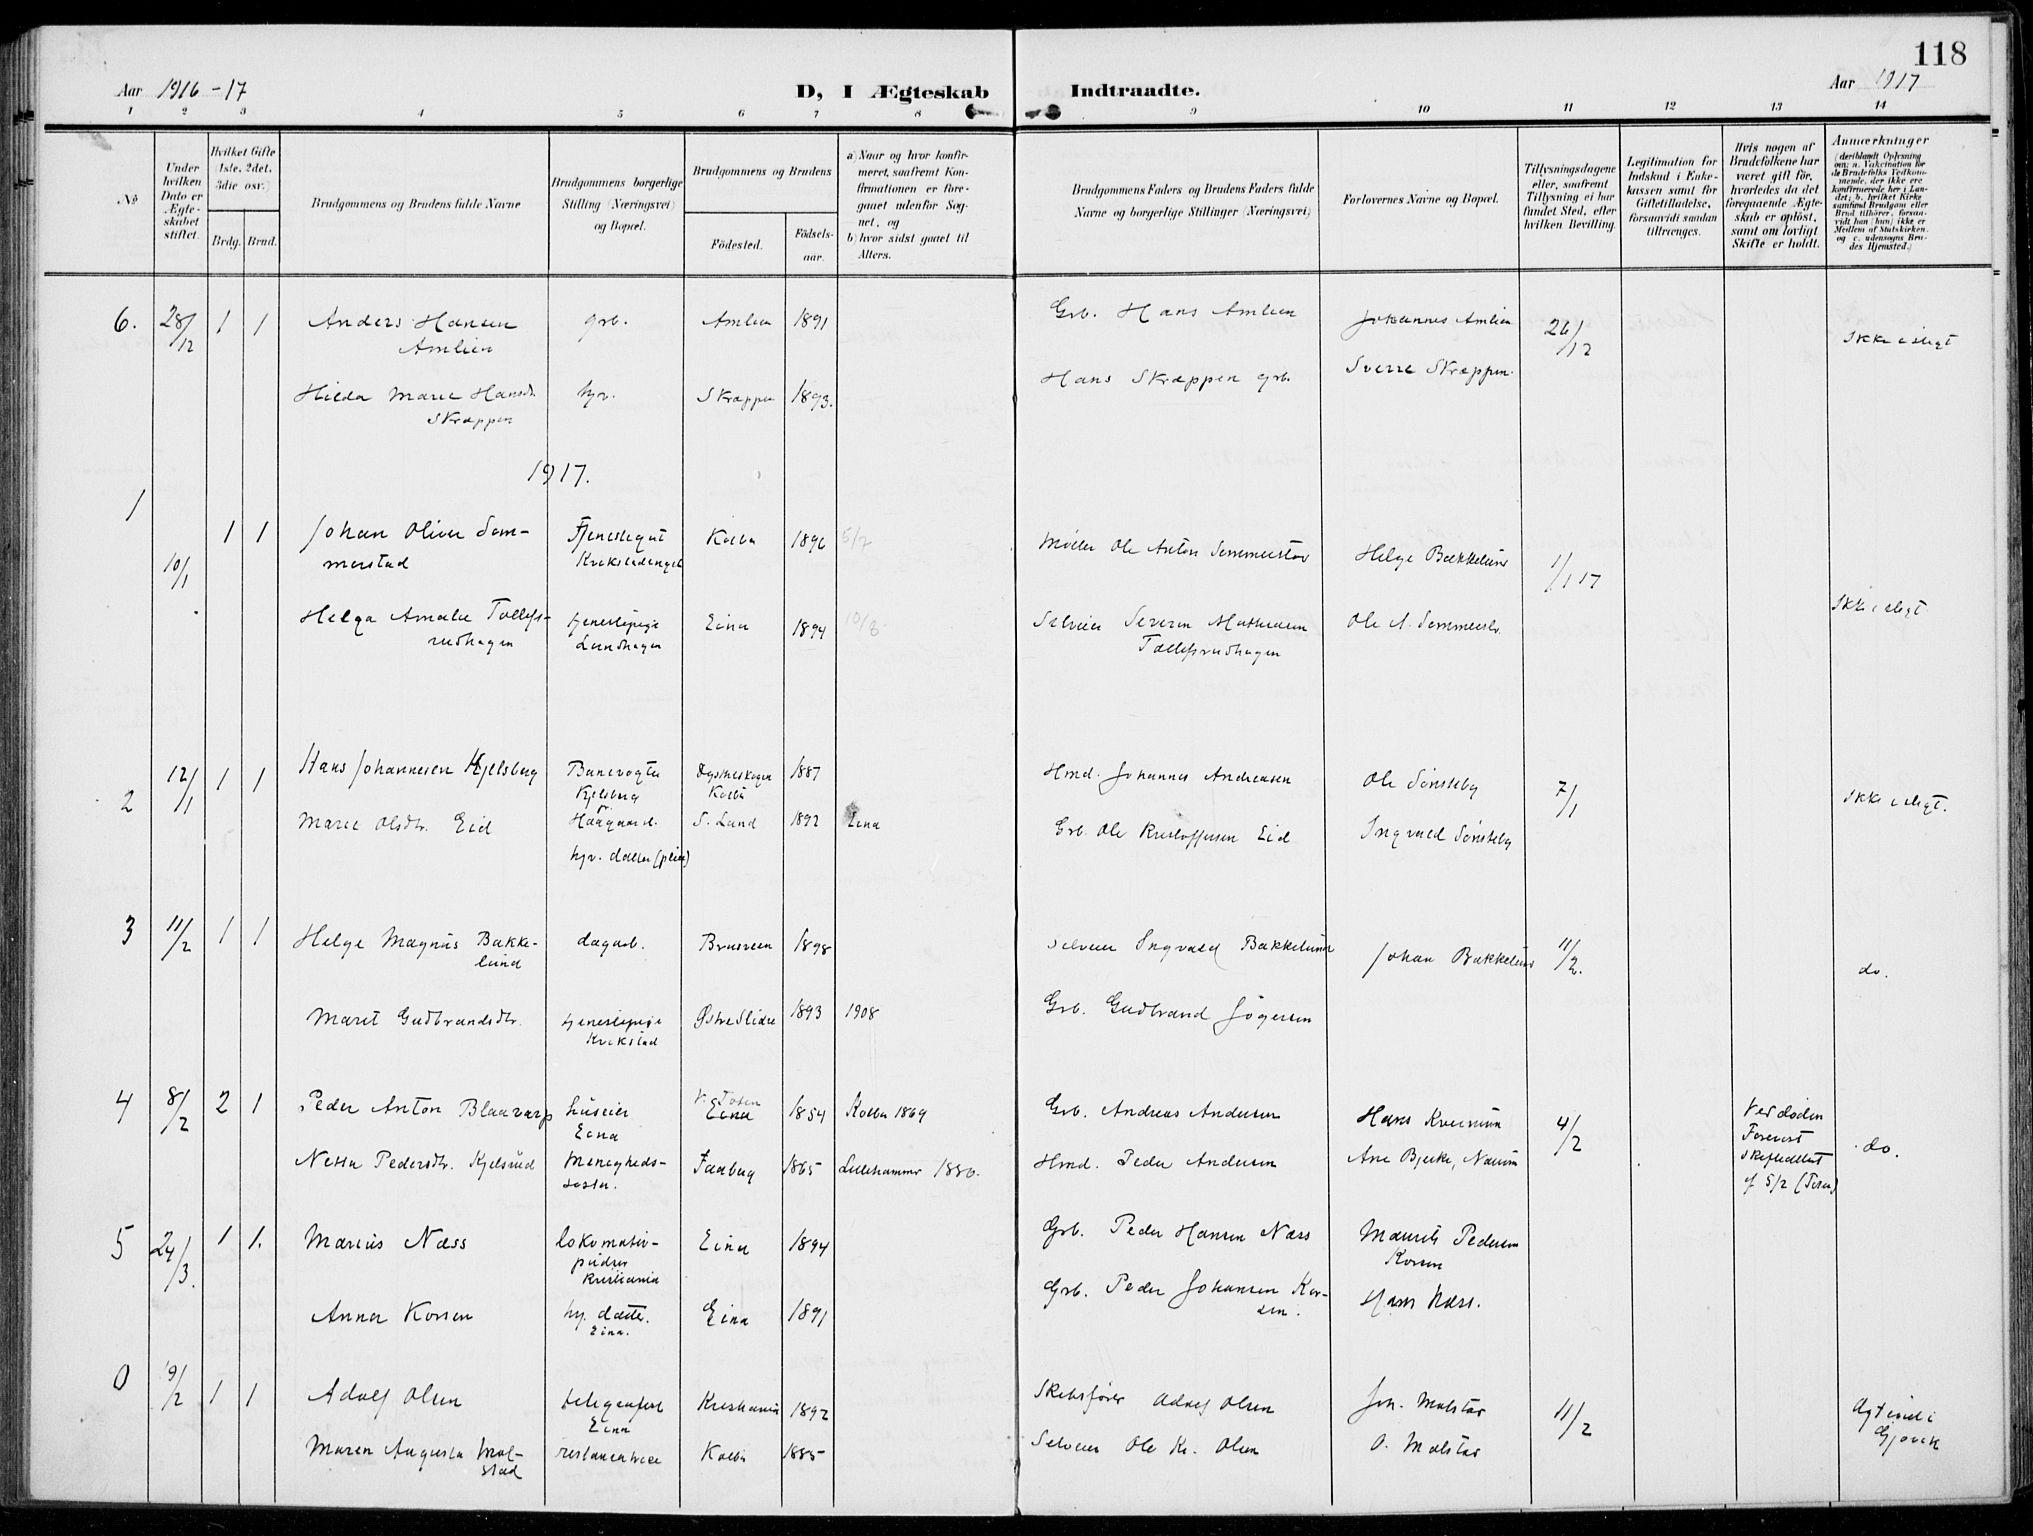 SAH, Kolbu prestekontor, Ministerialbok nr. 1, 1907-1923, s. 118